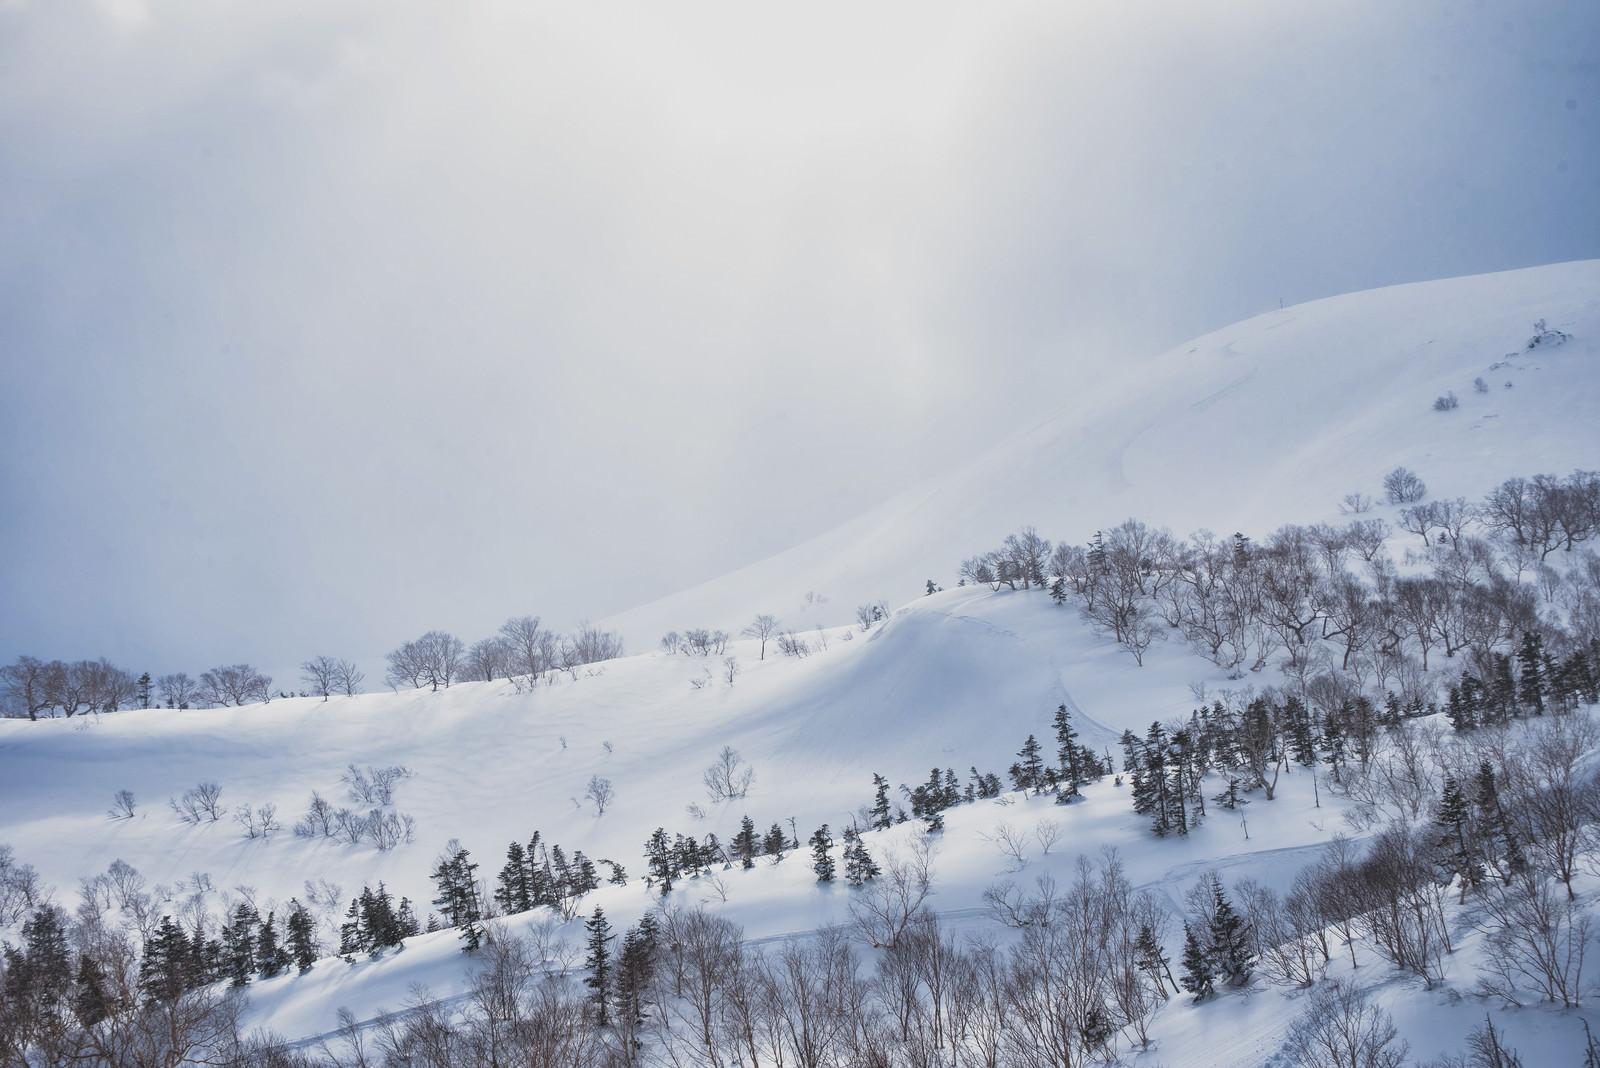 「日が差し込む冬の乗鞍高原(北アルプス)」の写真